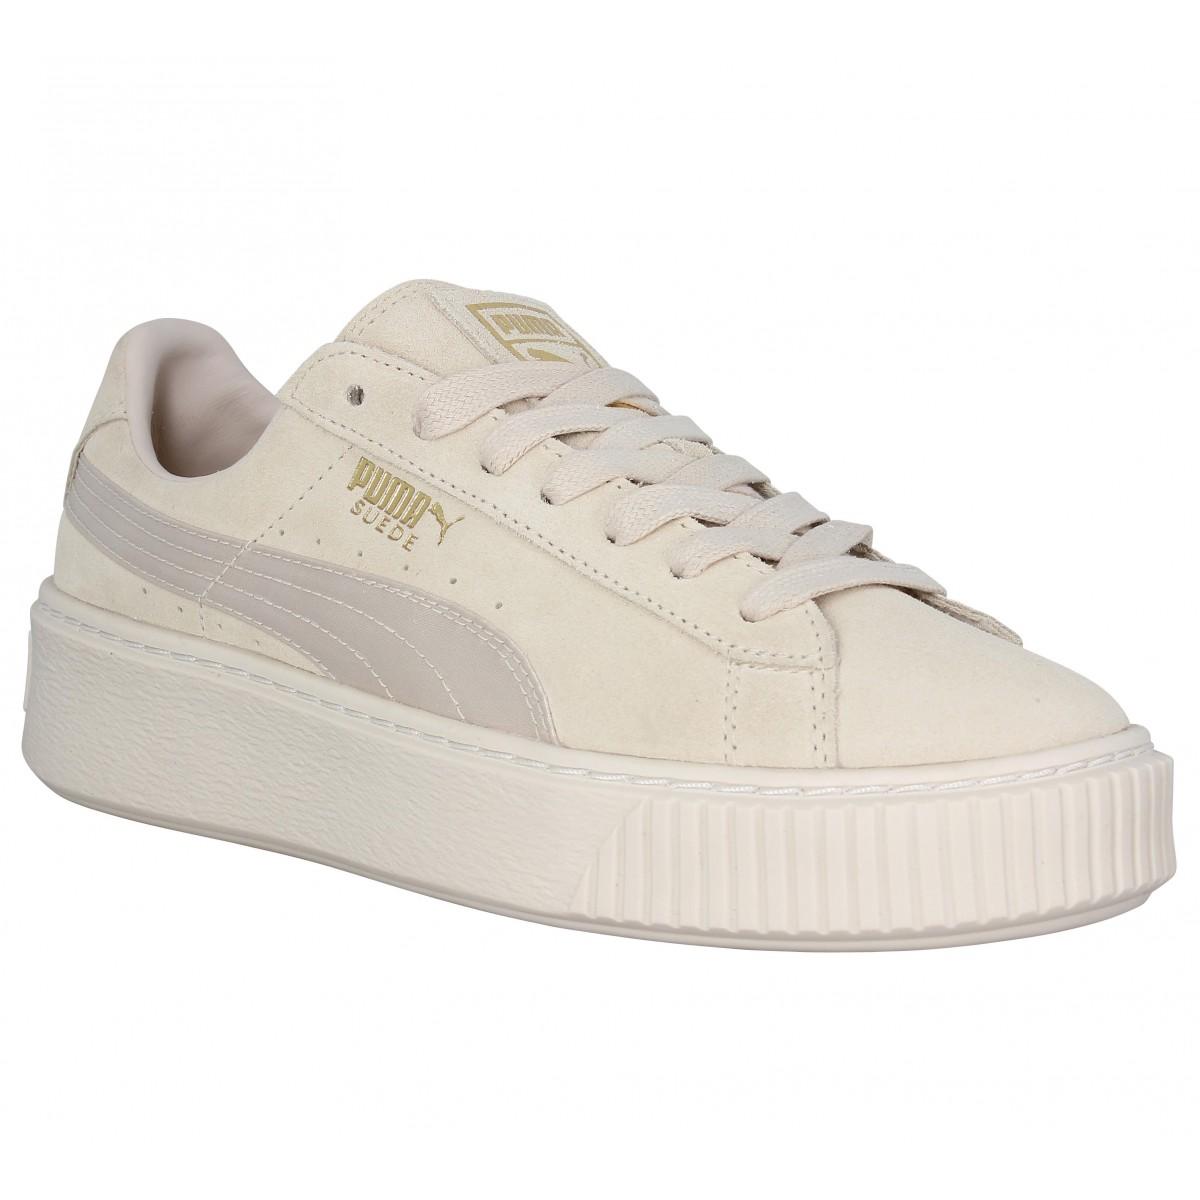 puma suede platform - femme chaussures